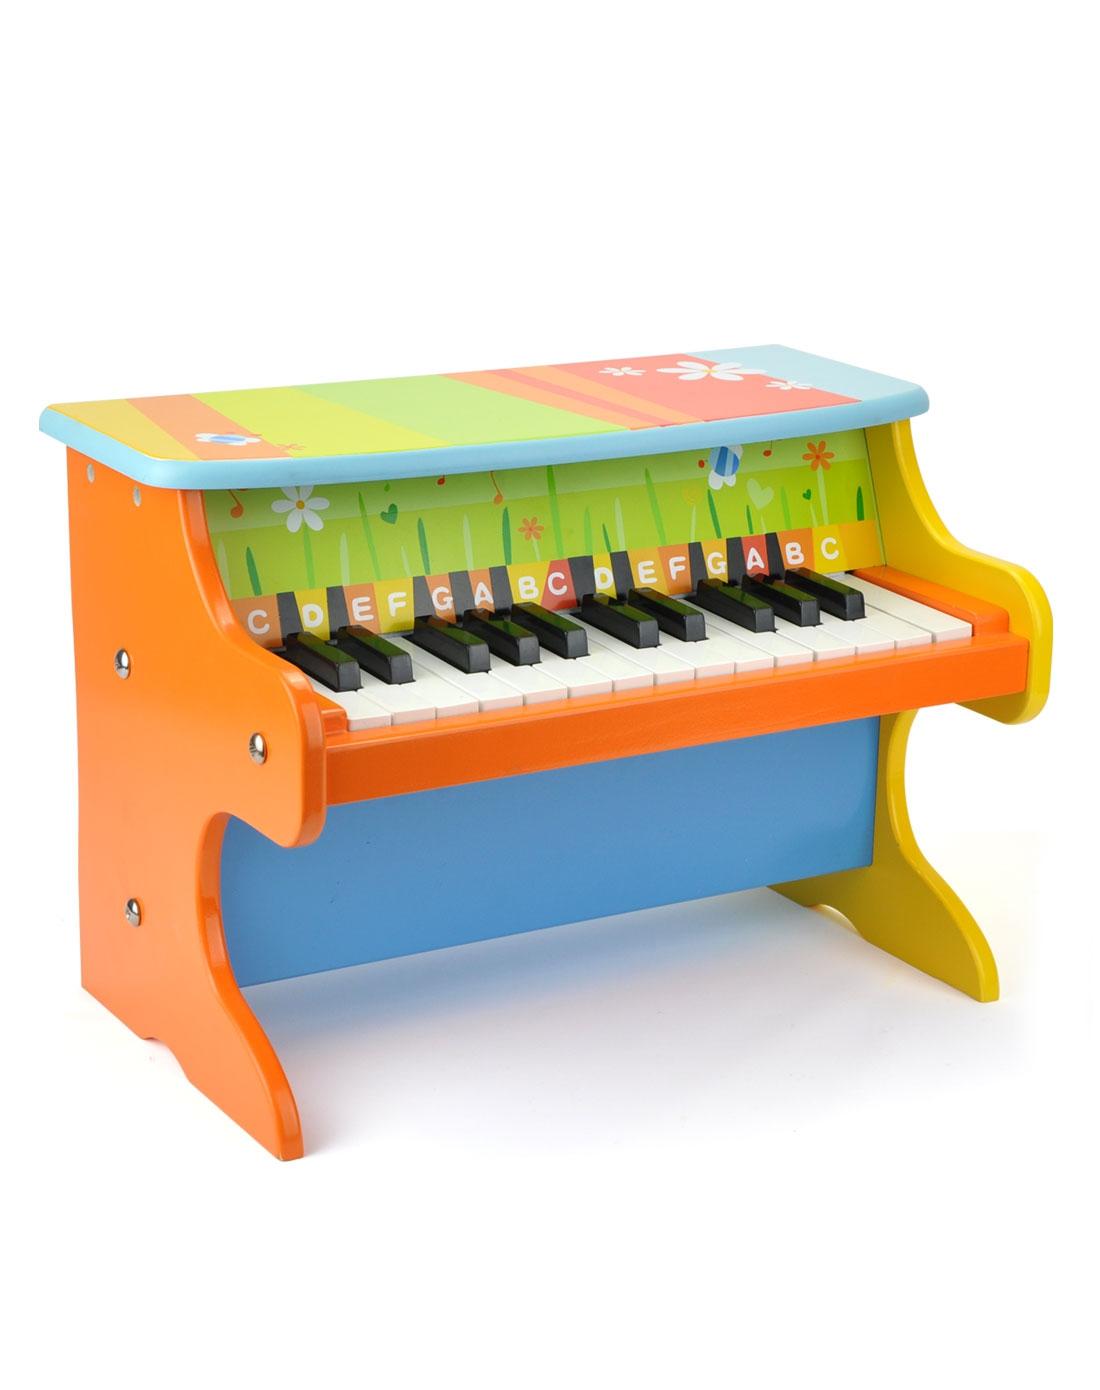 海绵宝宝等益智玩具特宝儿小小钢琴家儿童钢琴玩具9914_唯品会